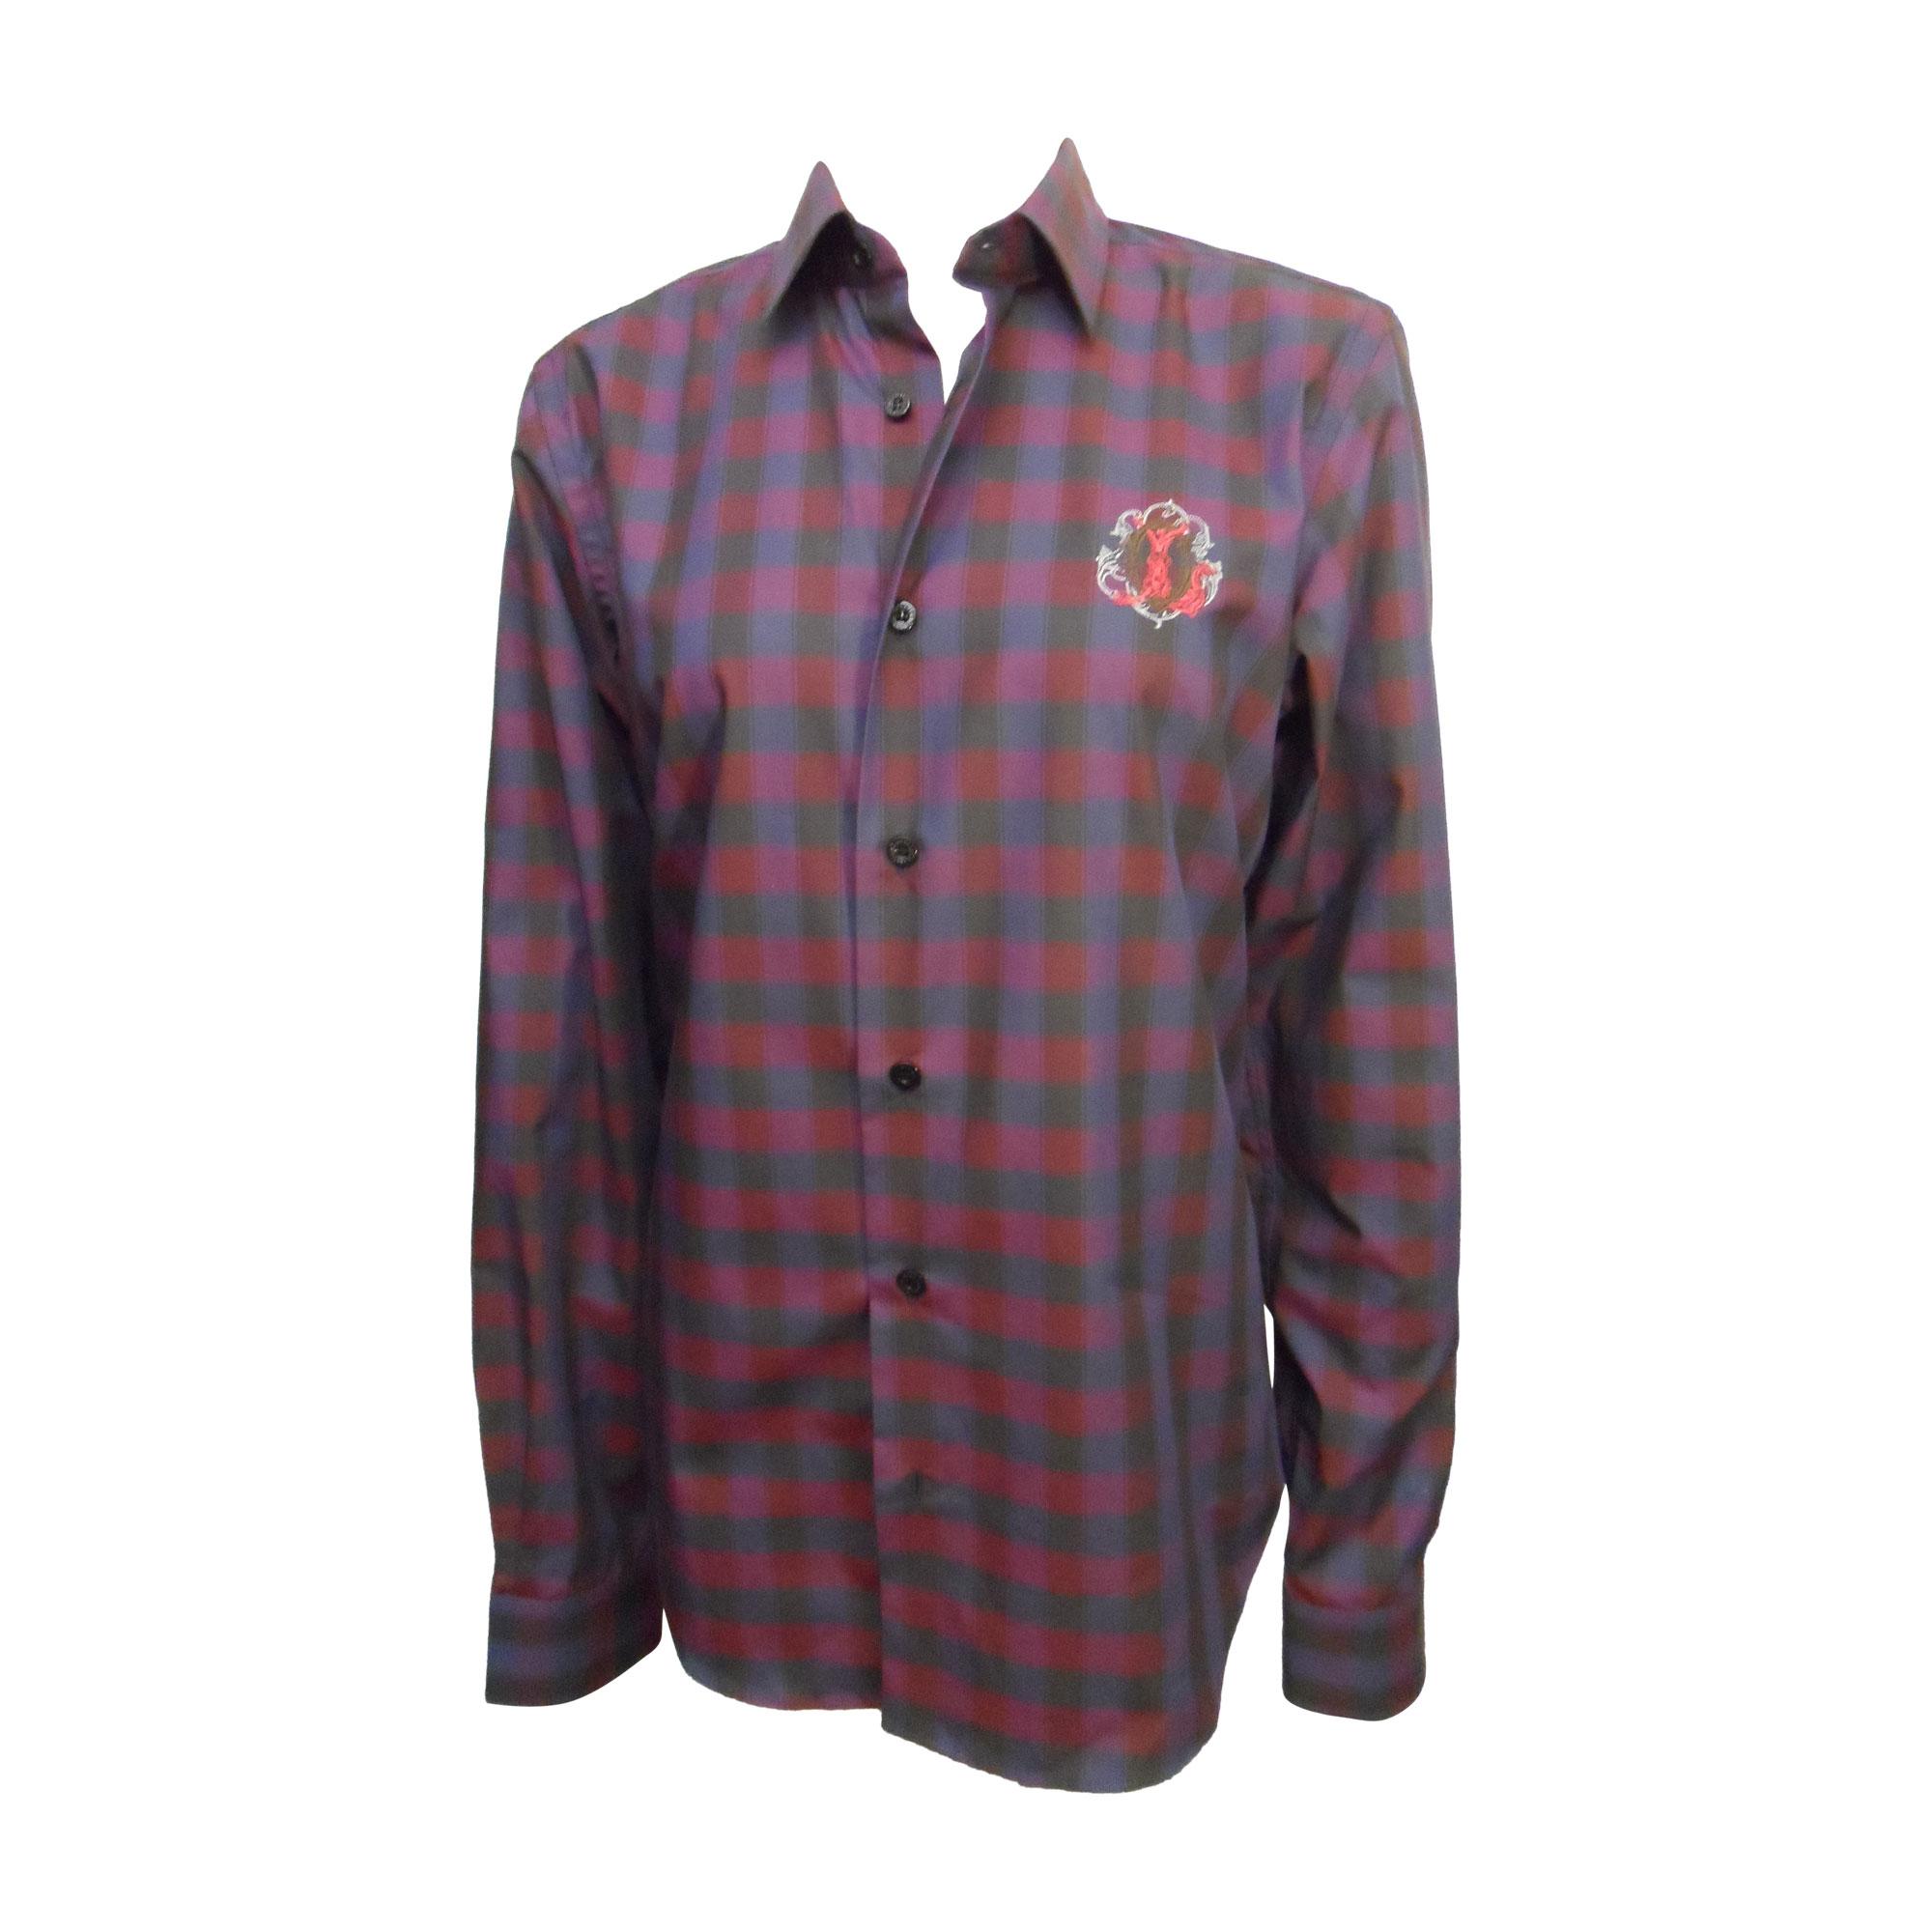 chemisette christian lacroix 37/38 (s) multicouleur - 4599693